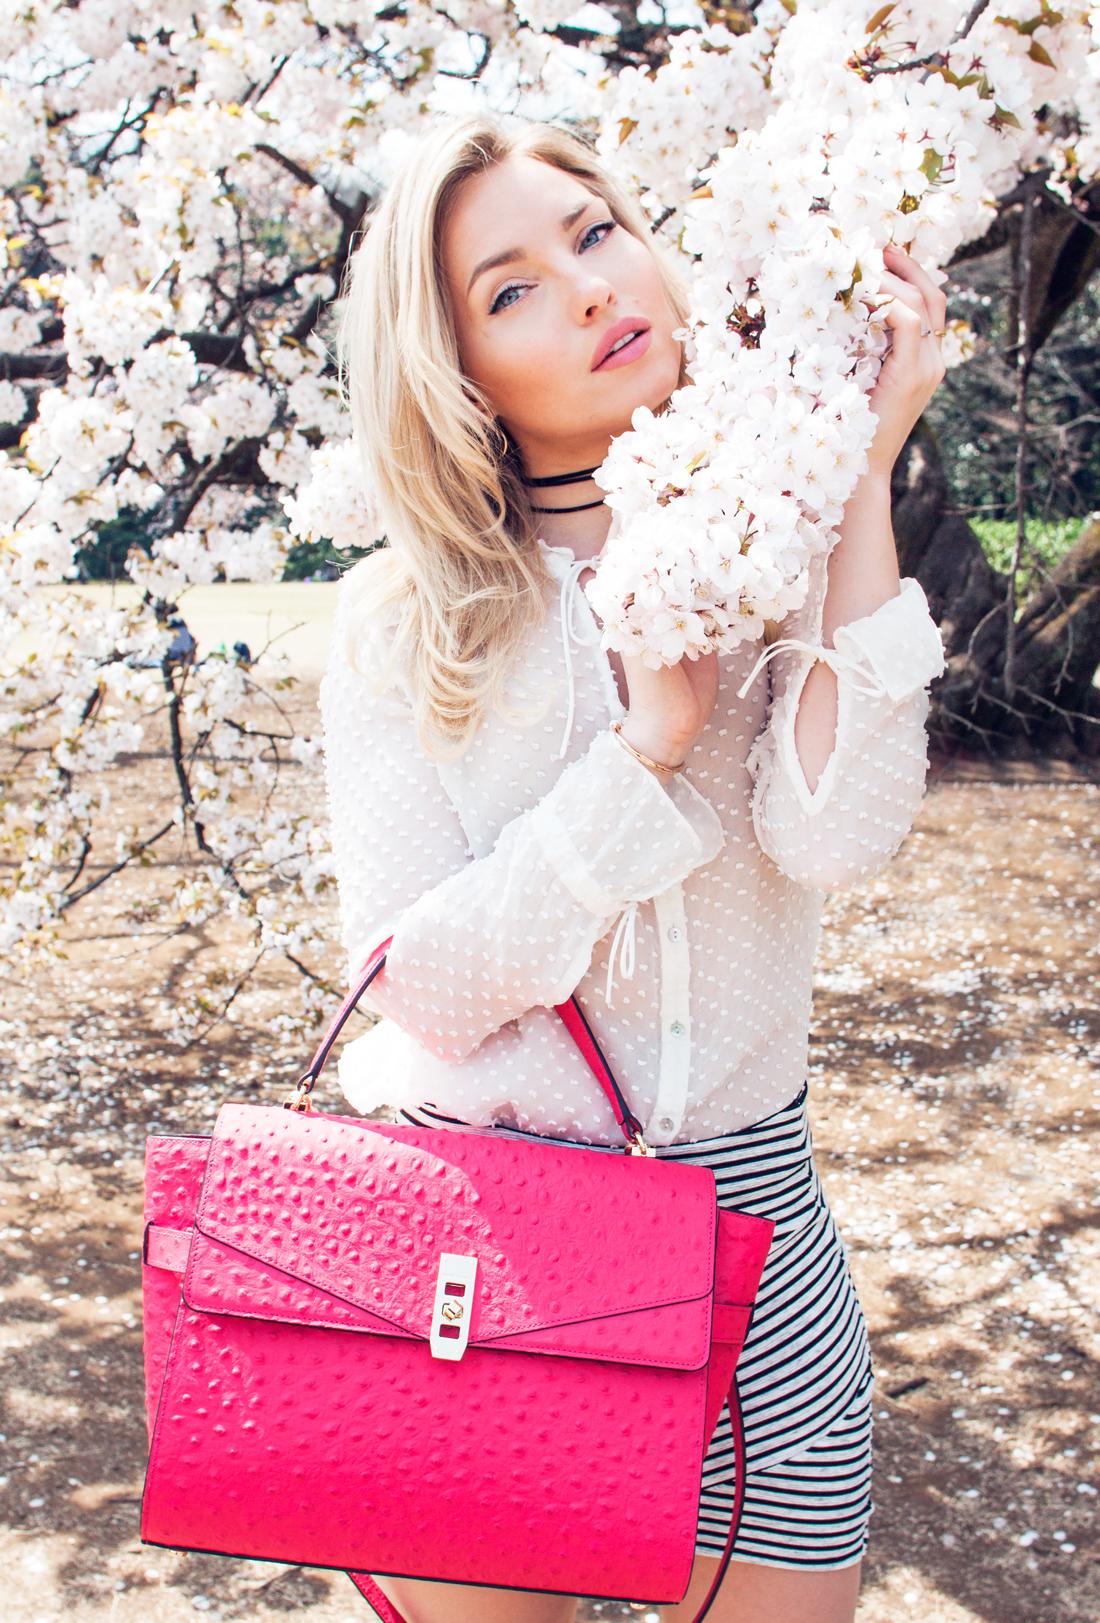 henri bendel uptown satchel, henri bendel pink bag, henri bendel, henri bendel bracelet, cherry blossom season 2016, cherry blossom japan, cherry blossom tokyo, zara white blouse, cherryblossomstreet, bershka skirt, pink cherry blossom